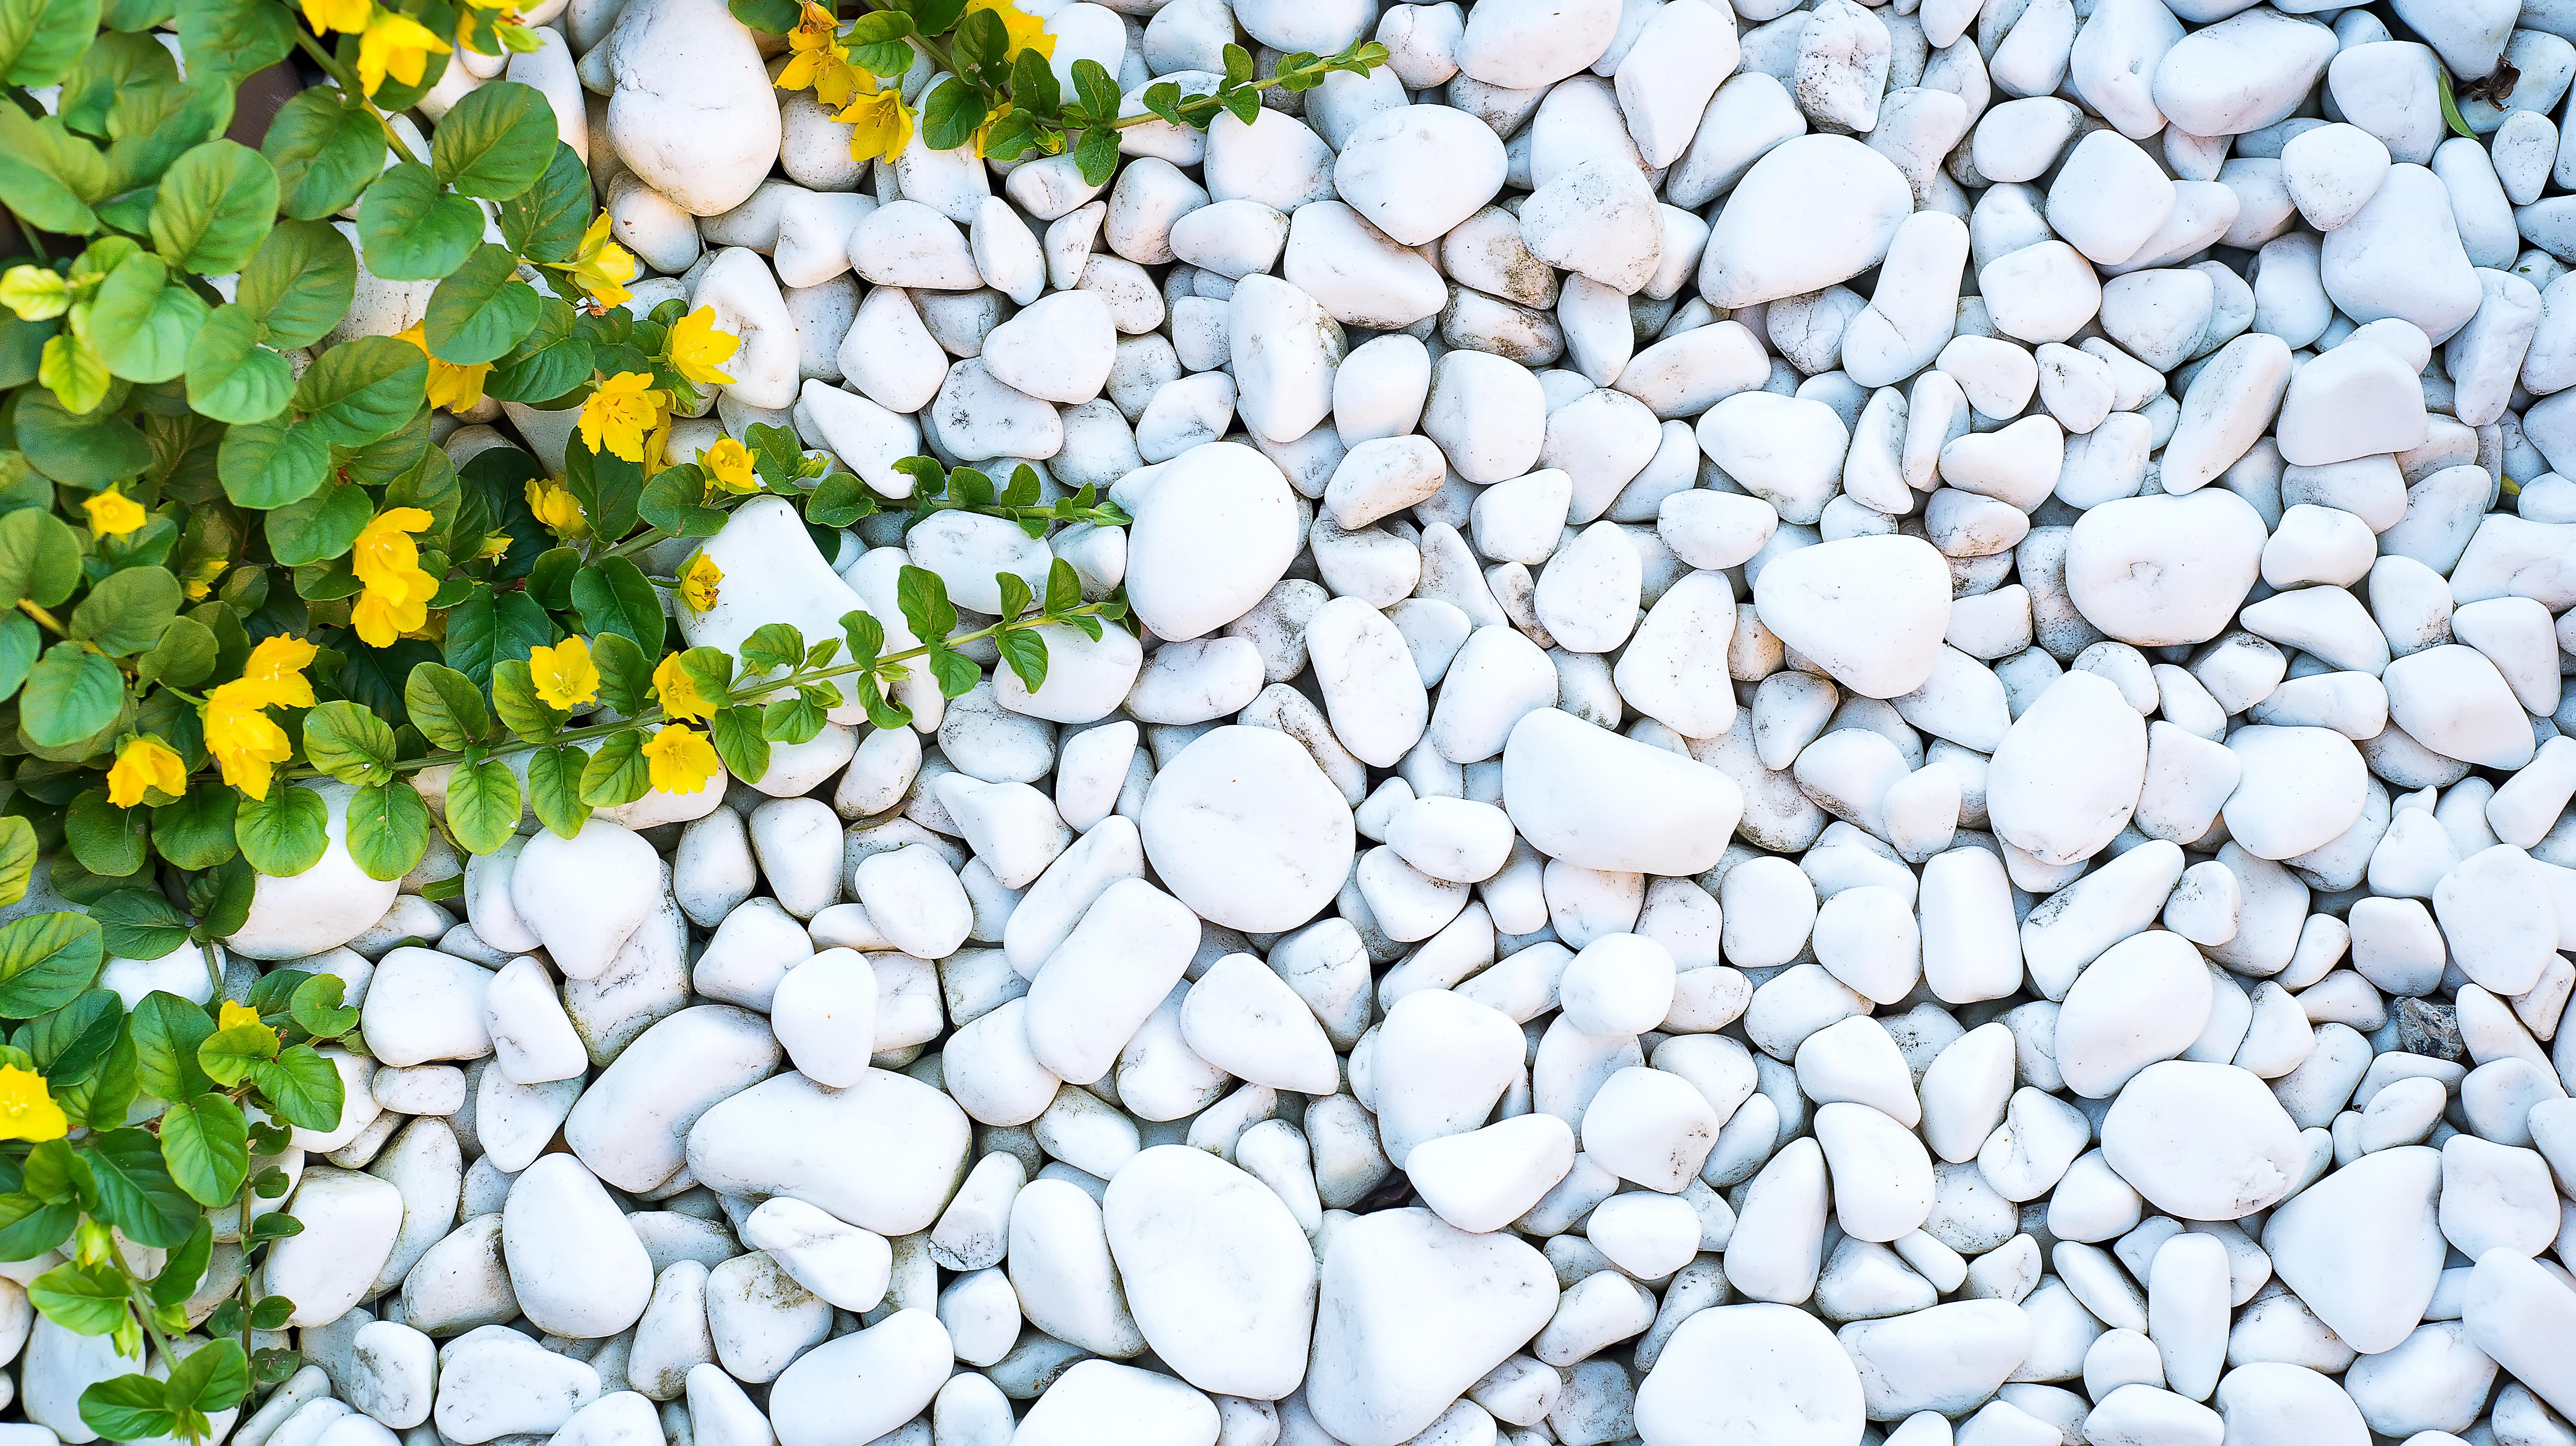 Murva a kertben, avagy a legszebb díszítő kőzet gyakorlati alkalmazása